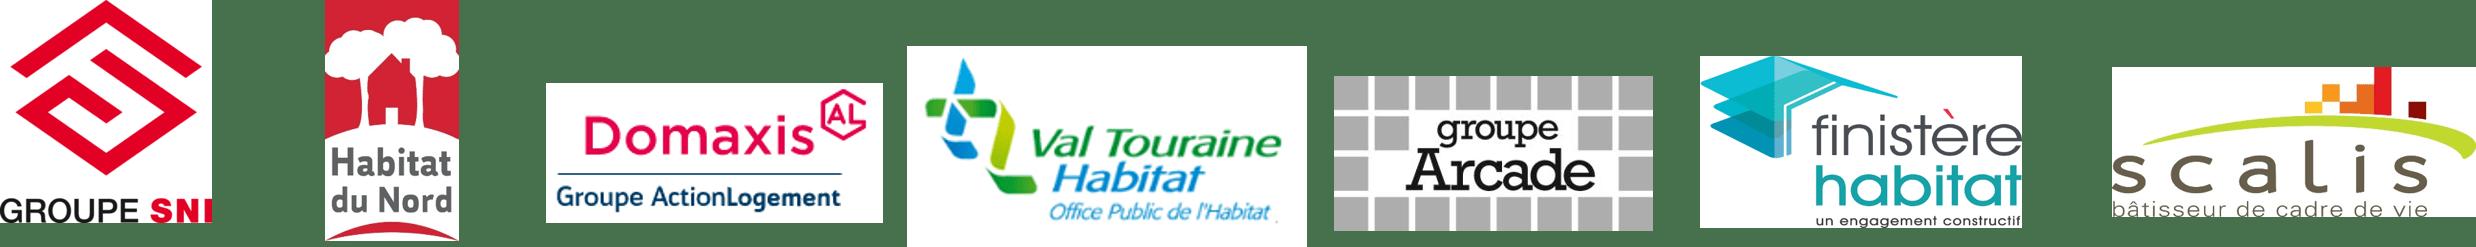 habitat_logos